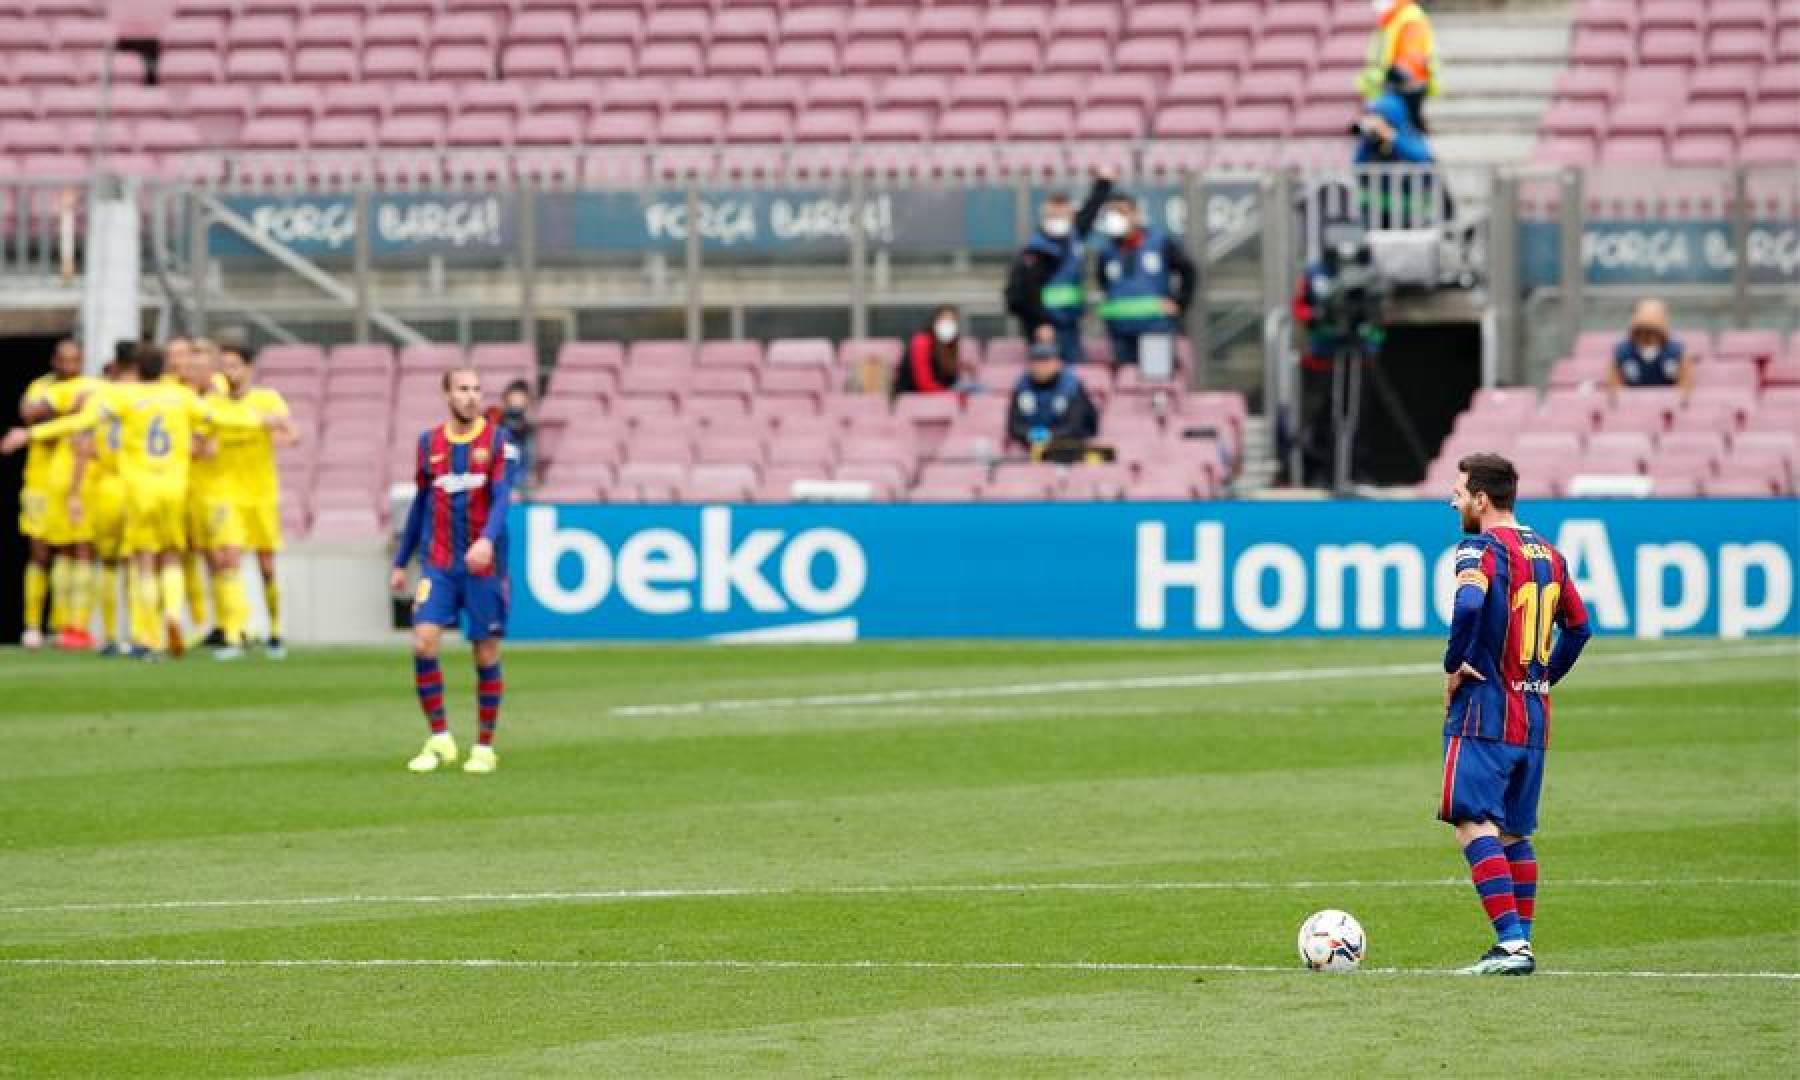 الأرجنتيني ليونيل ميسي حزيناً بعد تسجيل قادش هدف التعادل - رويترز